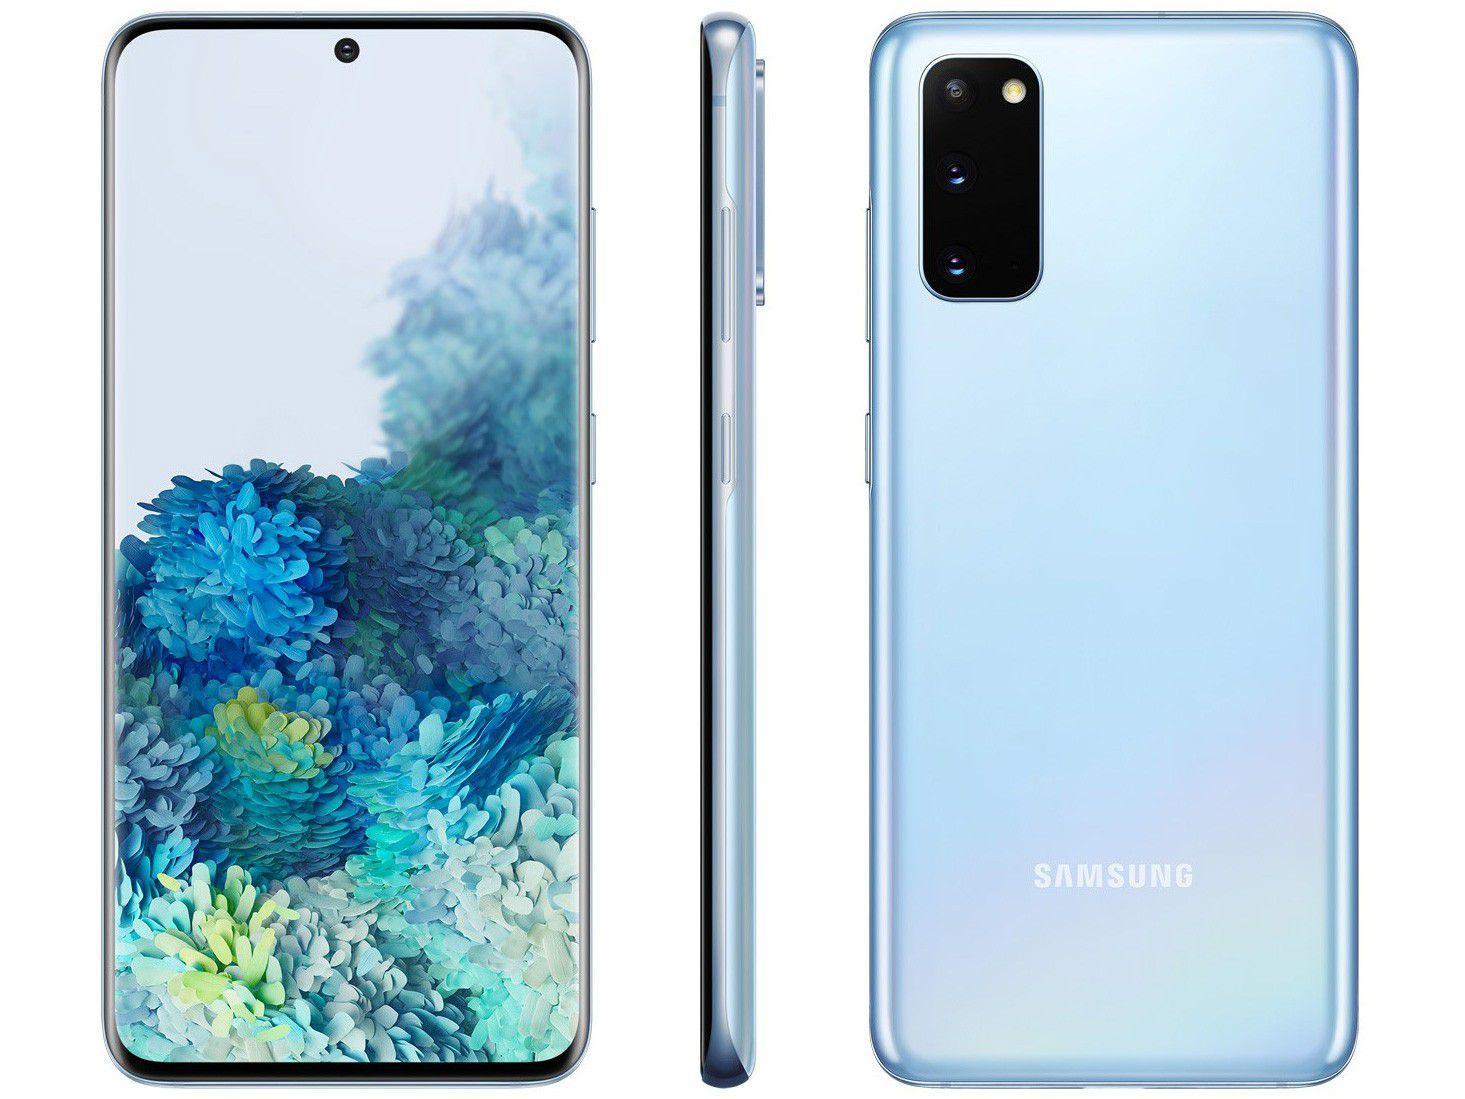 4b2edd69c6a3eee1c9b07db0ec763060 - Os 6 melhores celulares de 2020